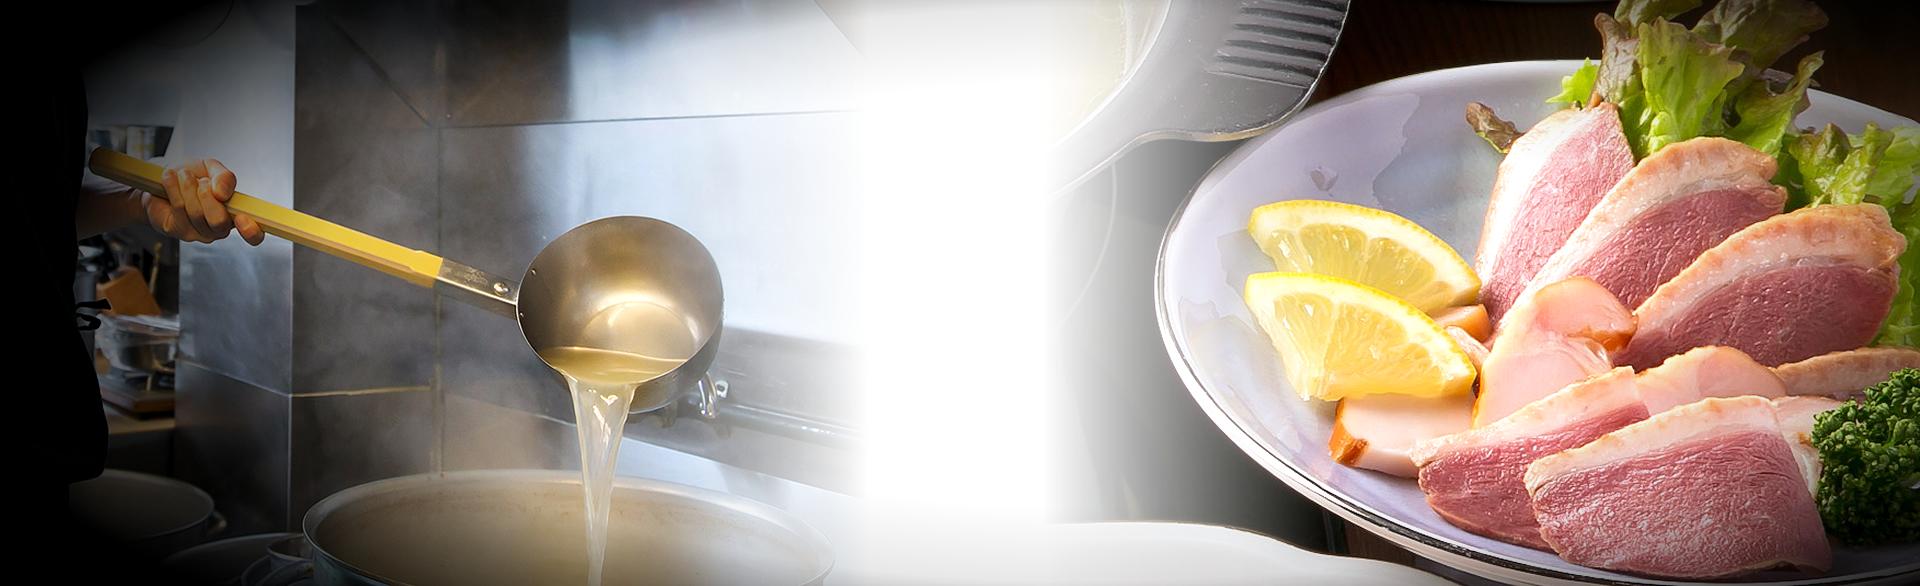 スモークチキン/スープへのこだわり